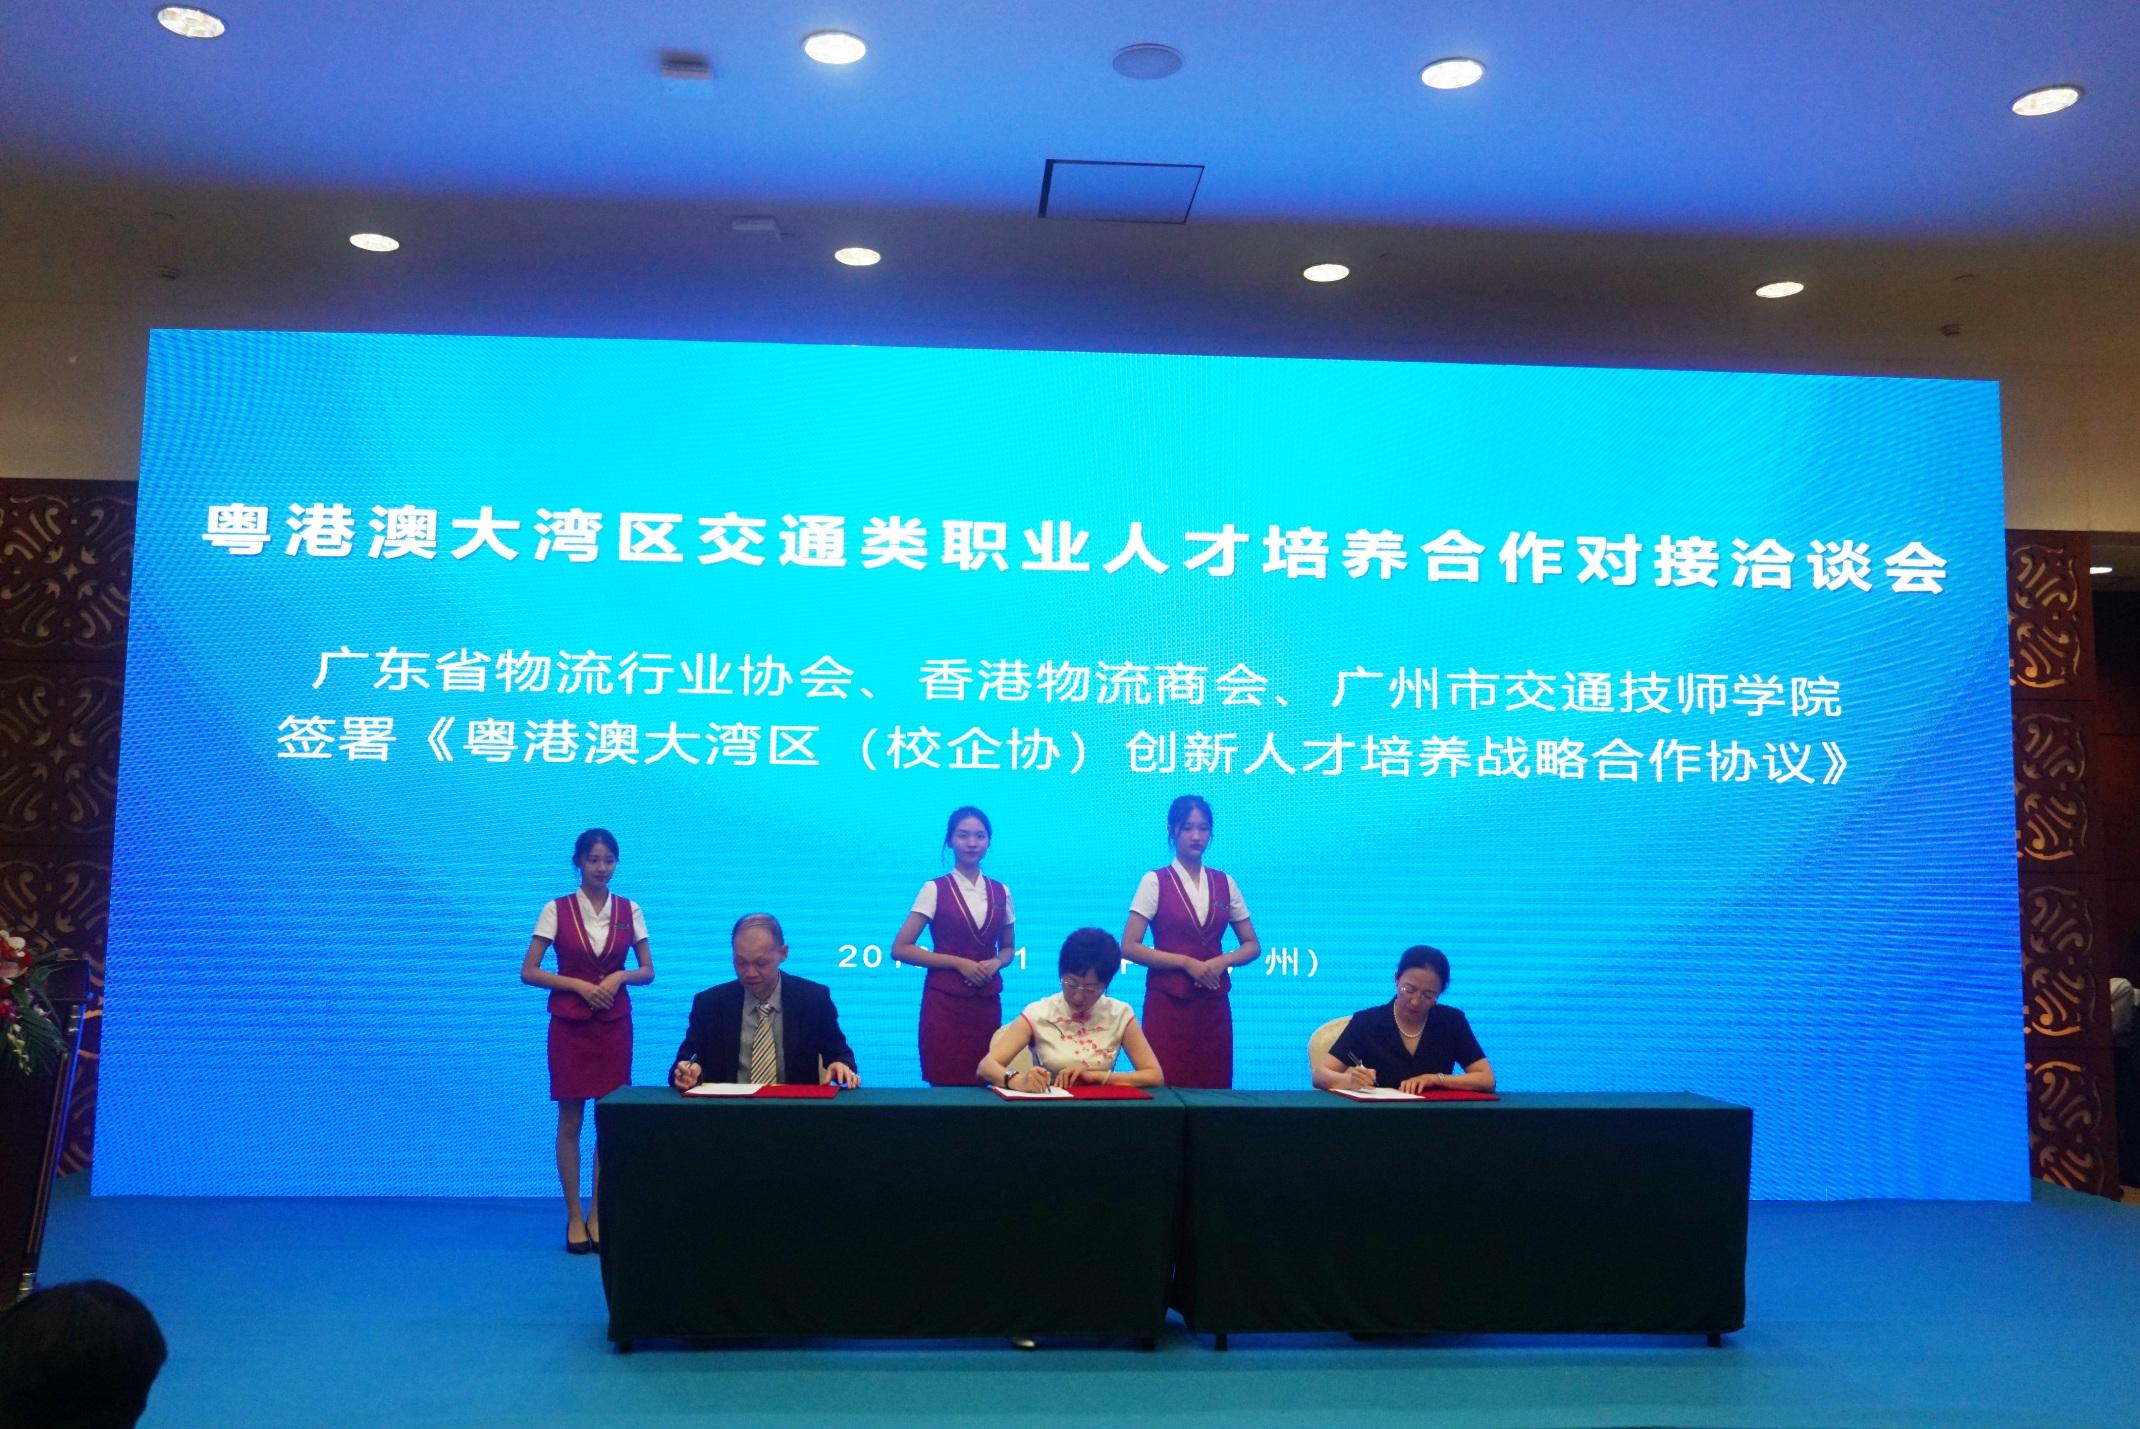 《粵港澳大灣區(校企協)創新人才培養戰略合作協議》簽署儀式